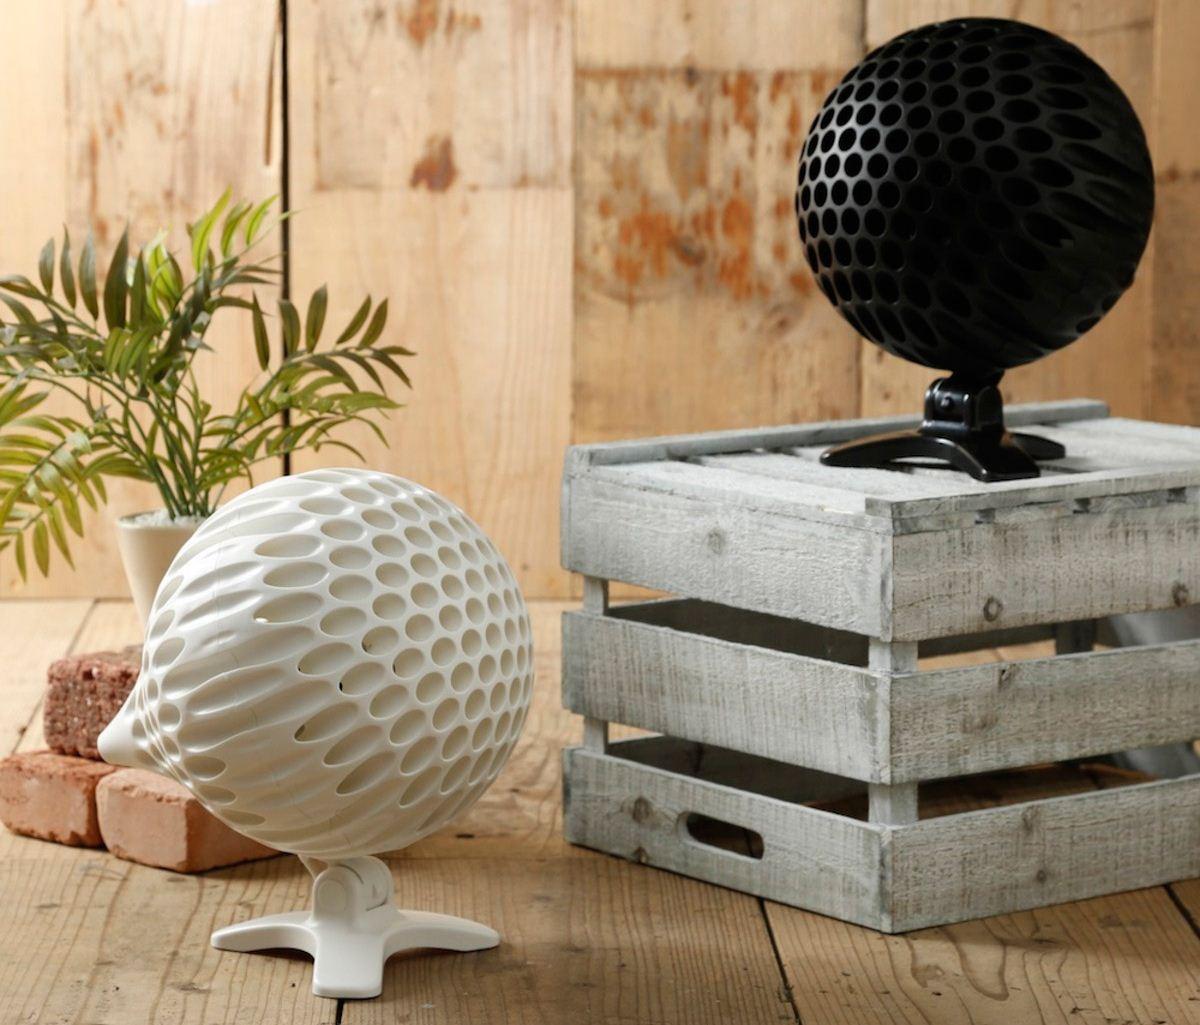 aero-sphere-fan